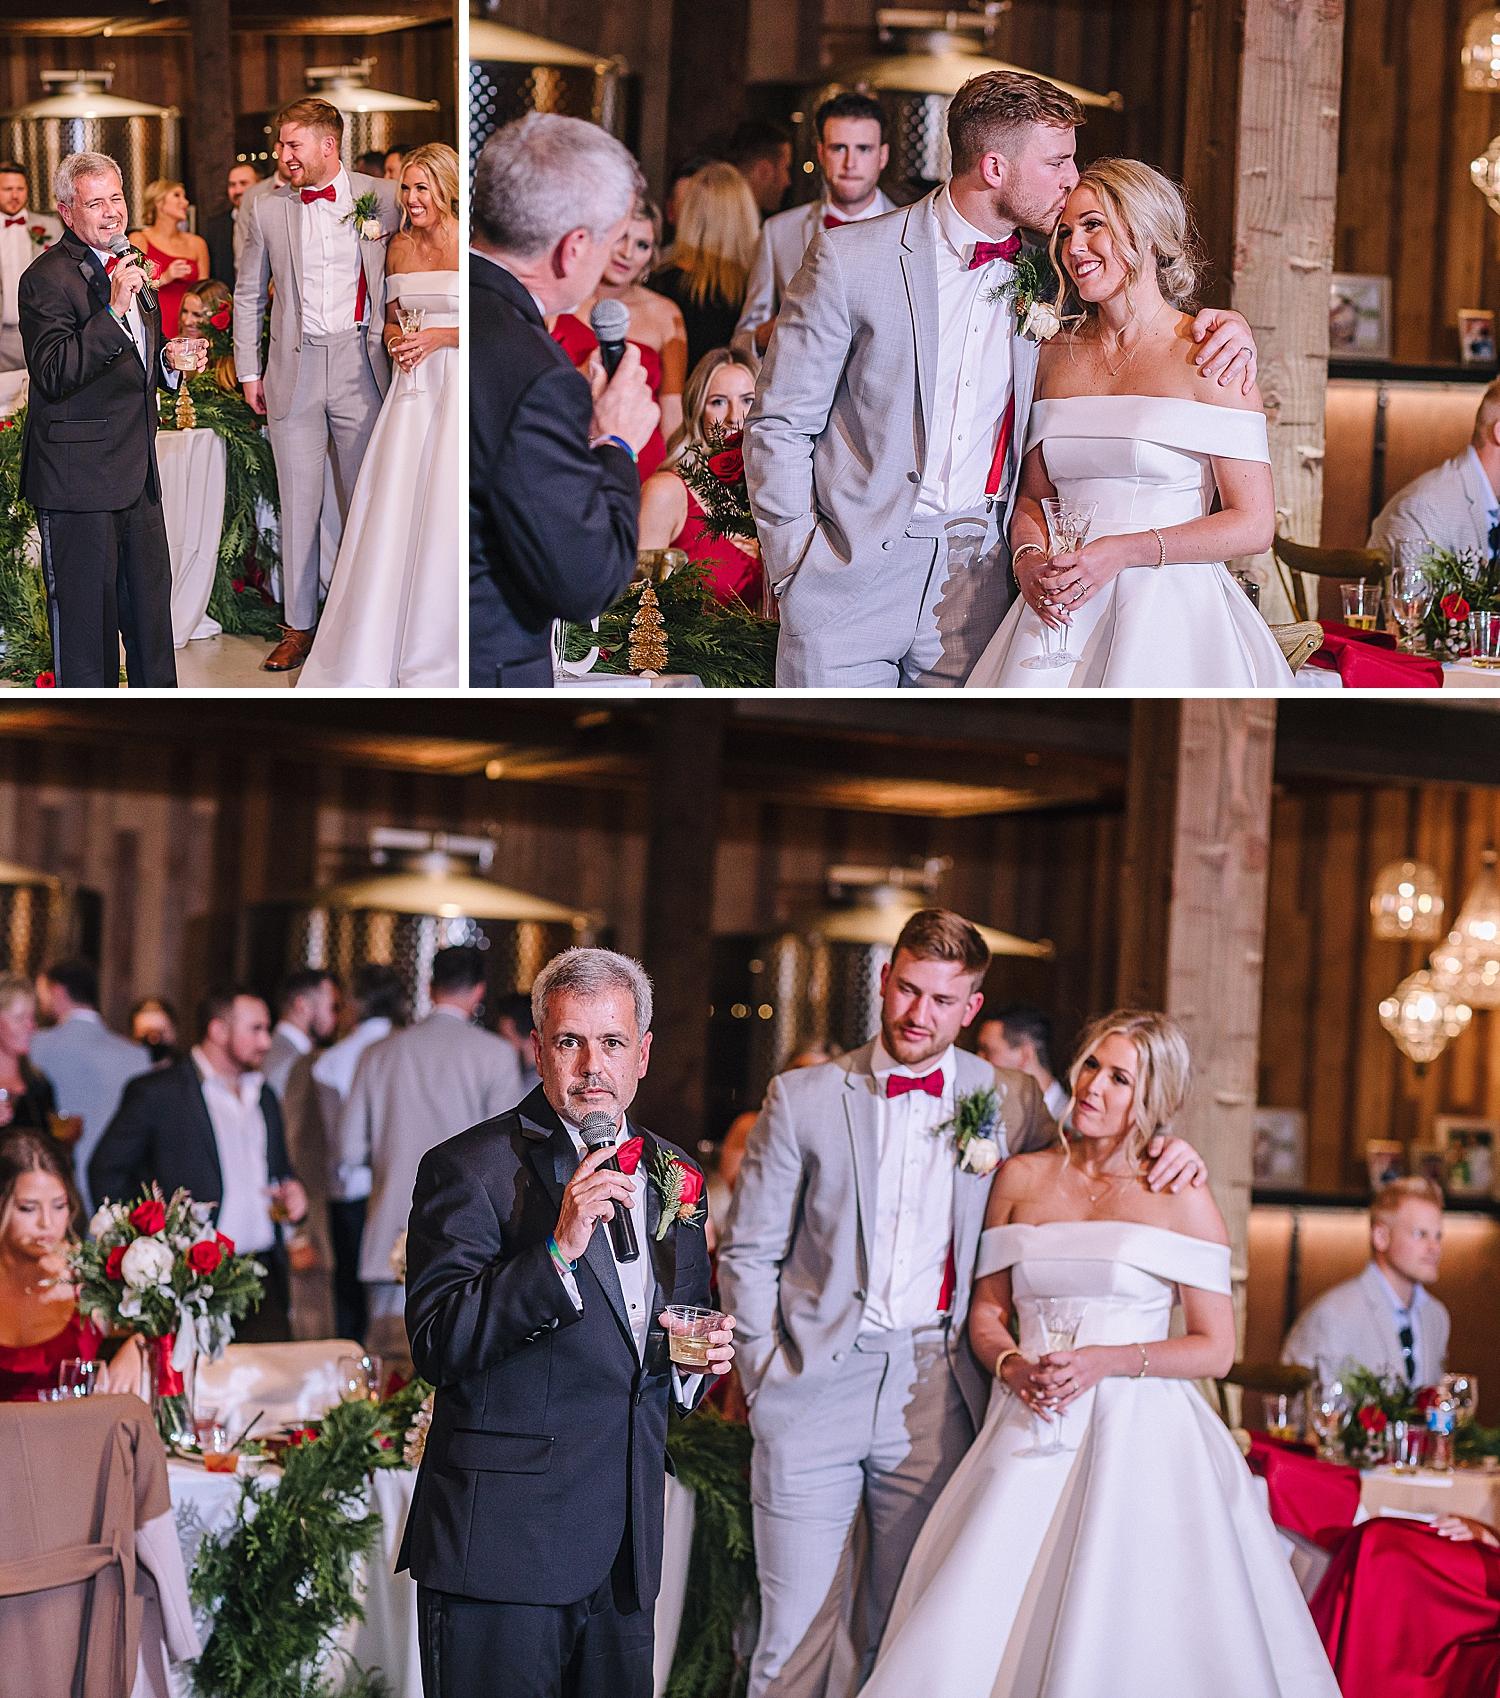 College-Station-Aggie-Wedding-The-Weinberg-at-Wixon-Valley-Christmas-Hallmark-Wedding_0125.jpg